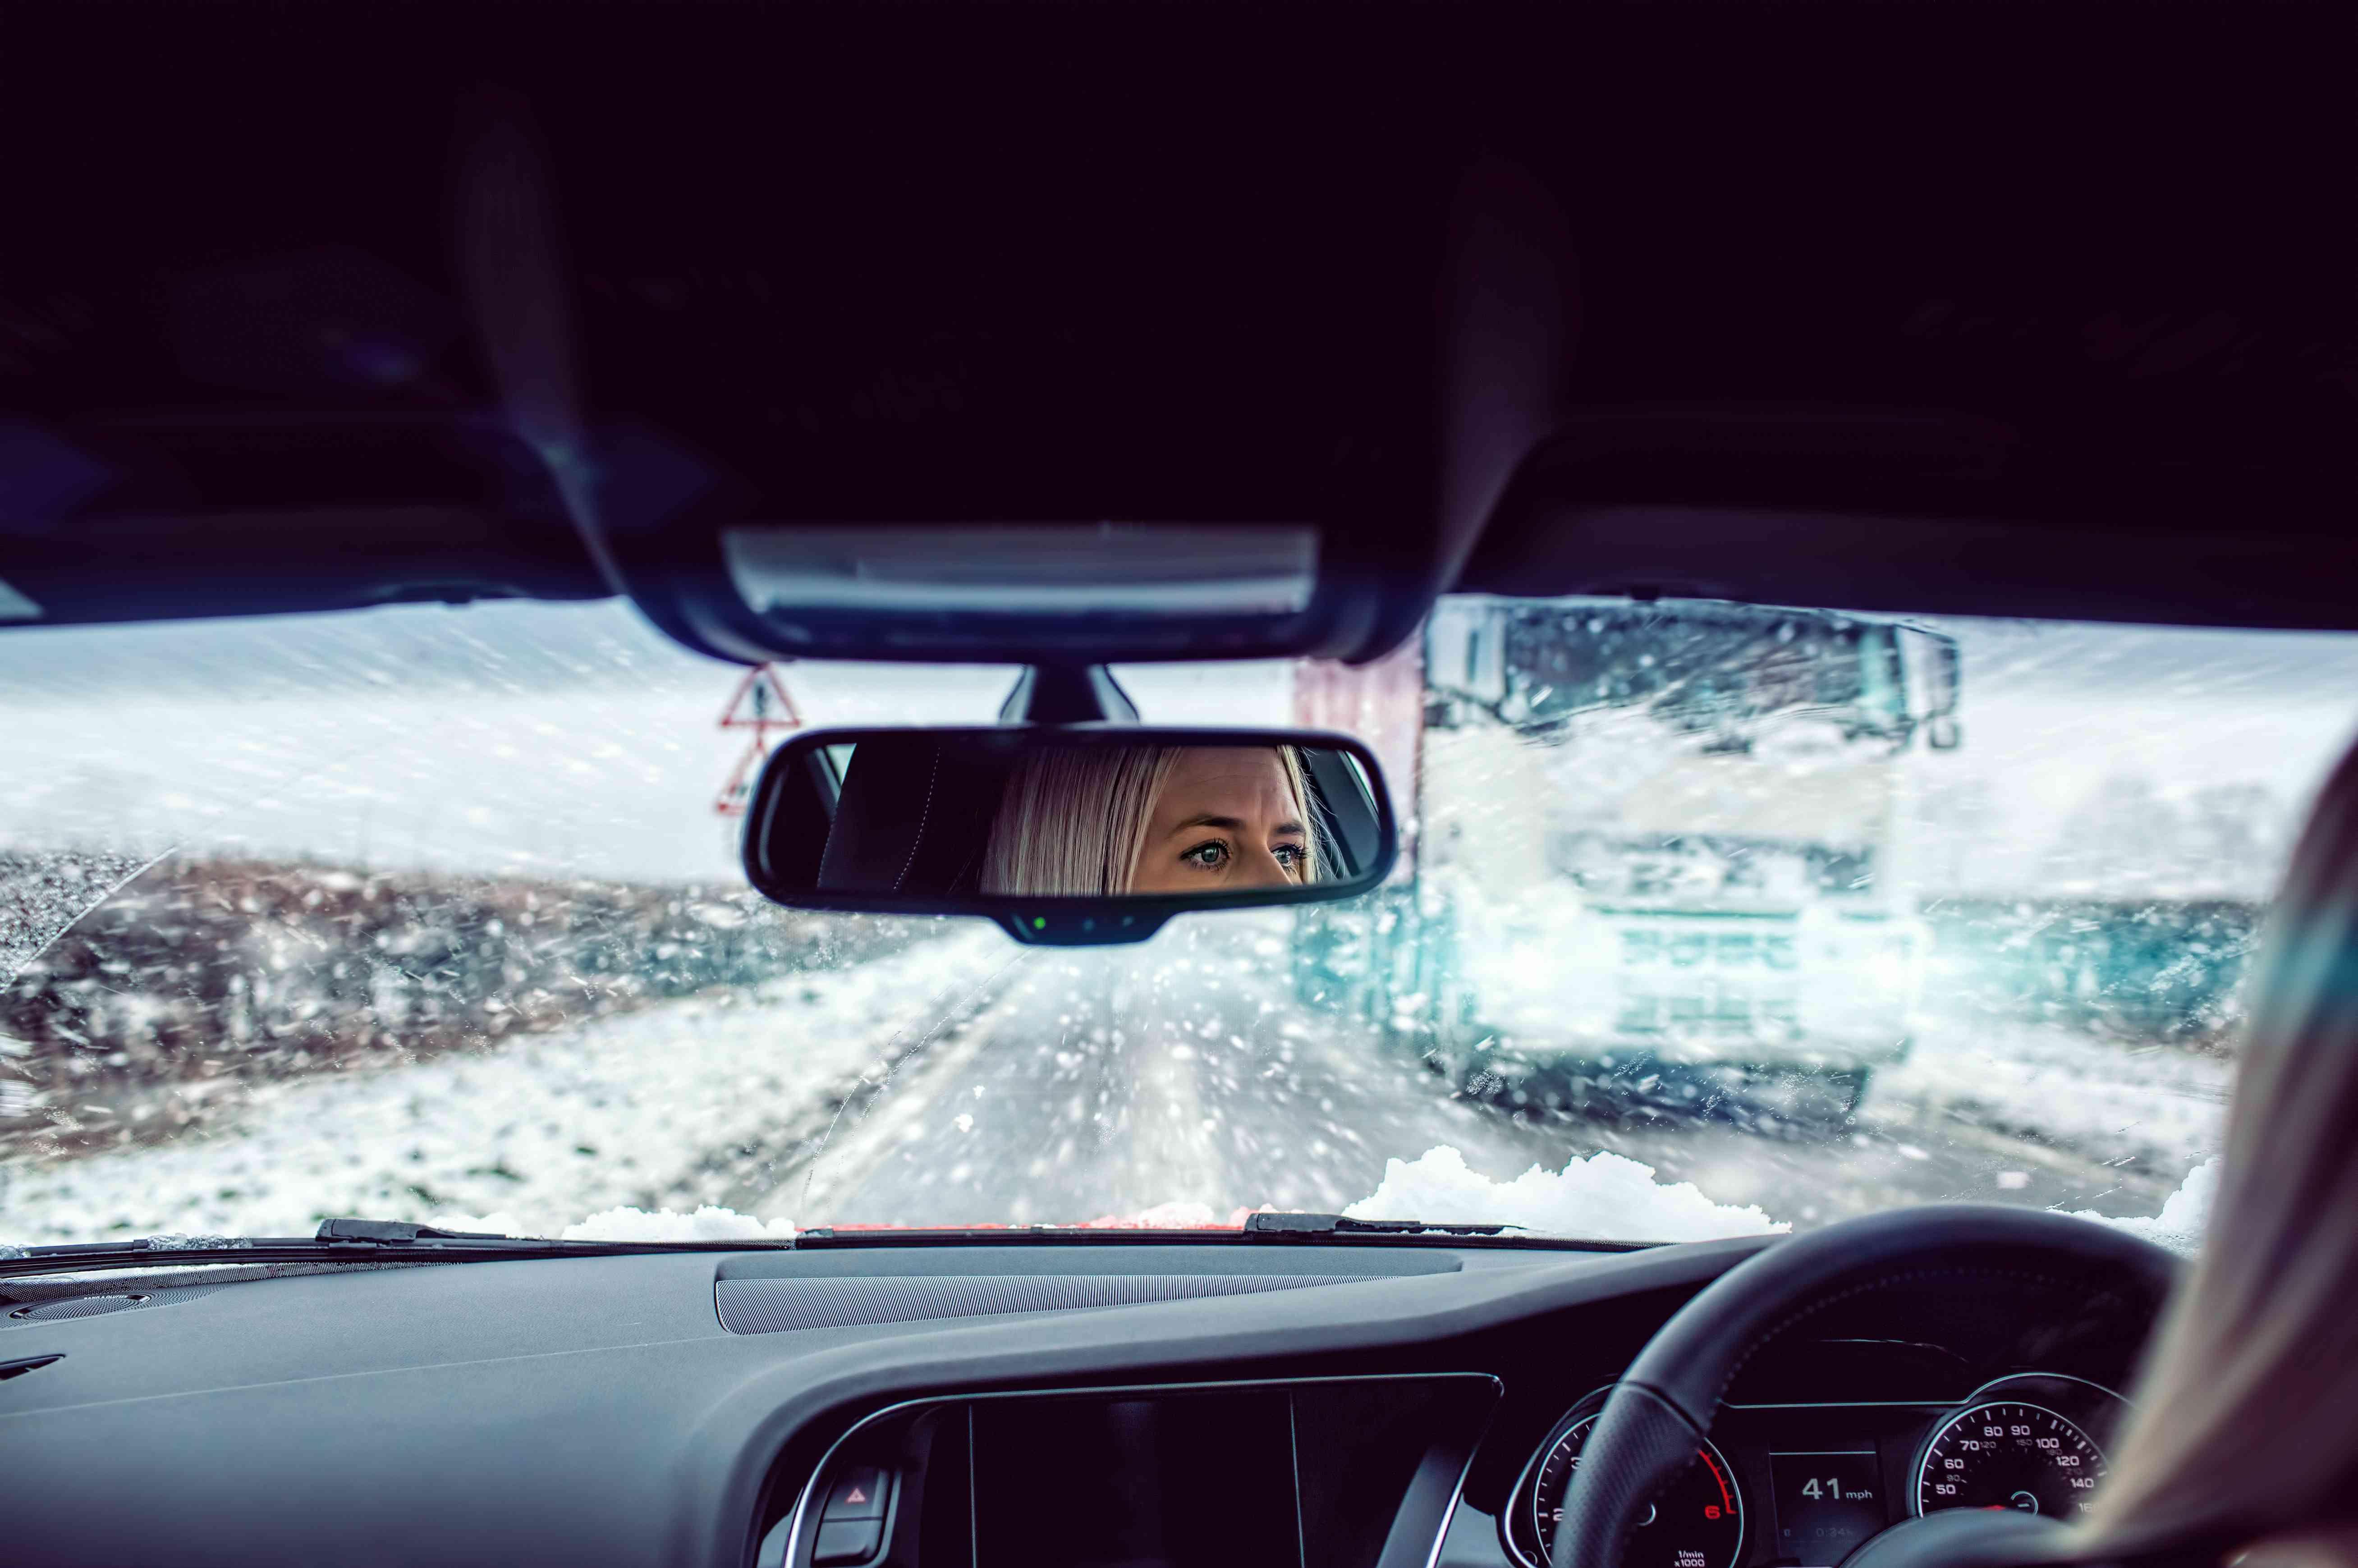 Γυναίκα οδήγηση αυτοκινήτου στο χιονόνερο